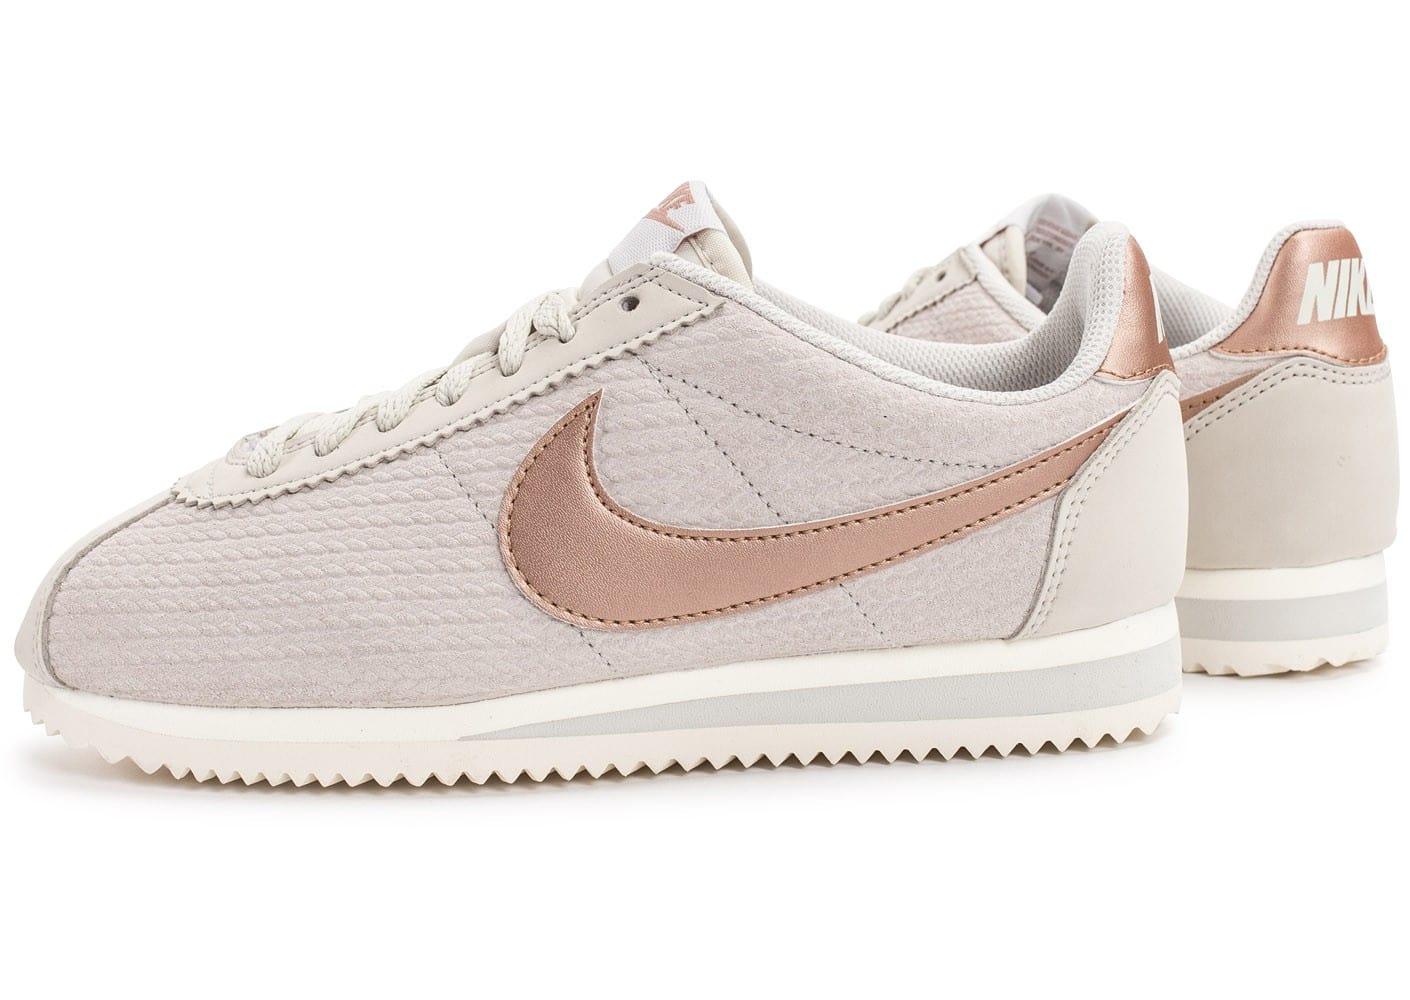 3475a9d1edf0c Nike CORTEZ ULTRA MOIRE Blanc Femme Chaussures Sneakers Cliquez pour zoomer Chaussures  Nike Cortez Leather Lux beige vue extérieure .